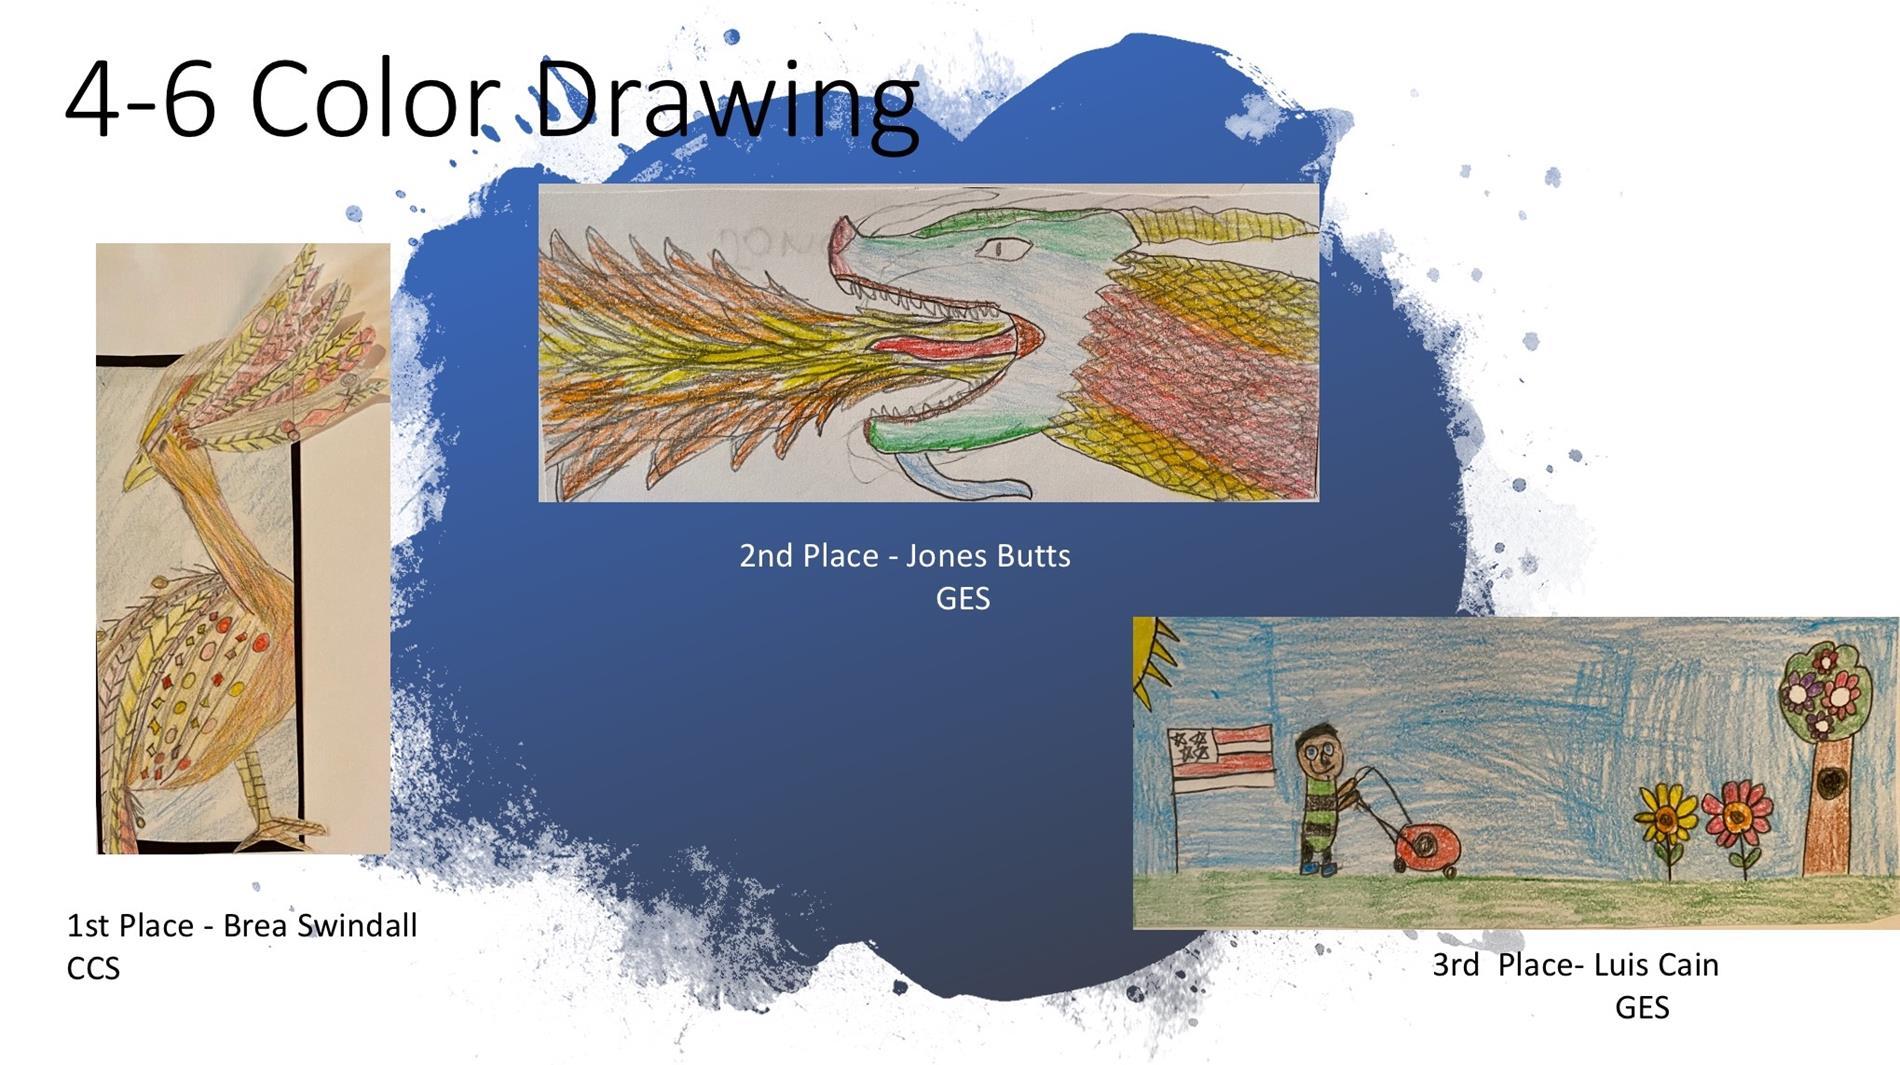 4 - 6 color art